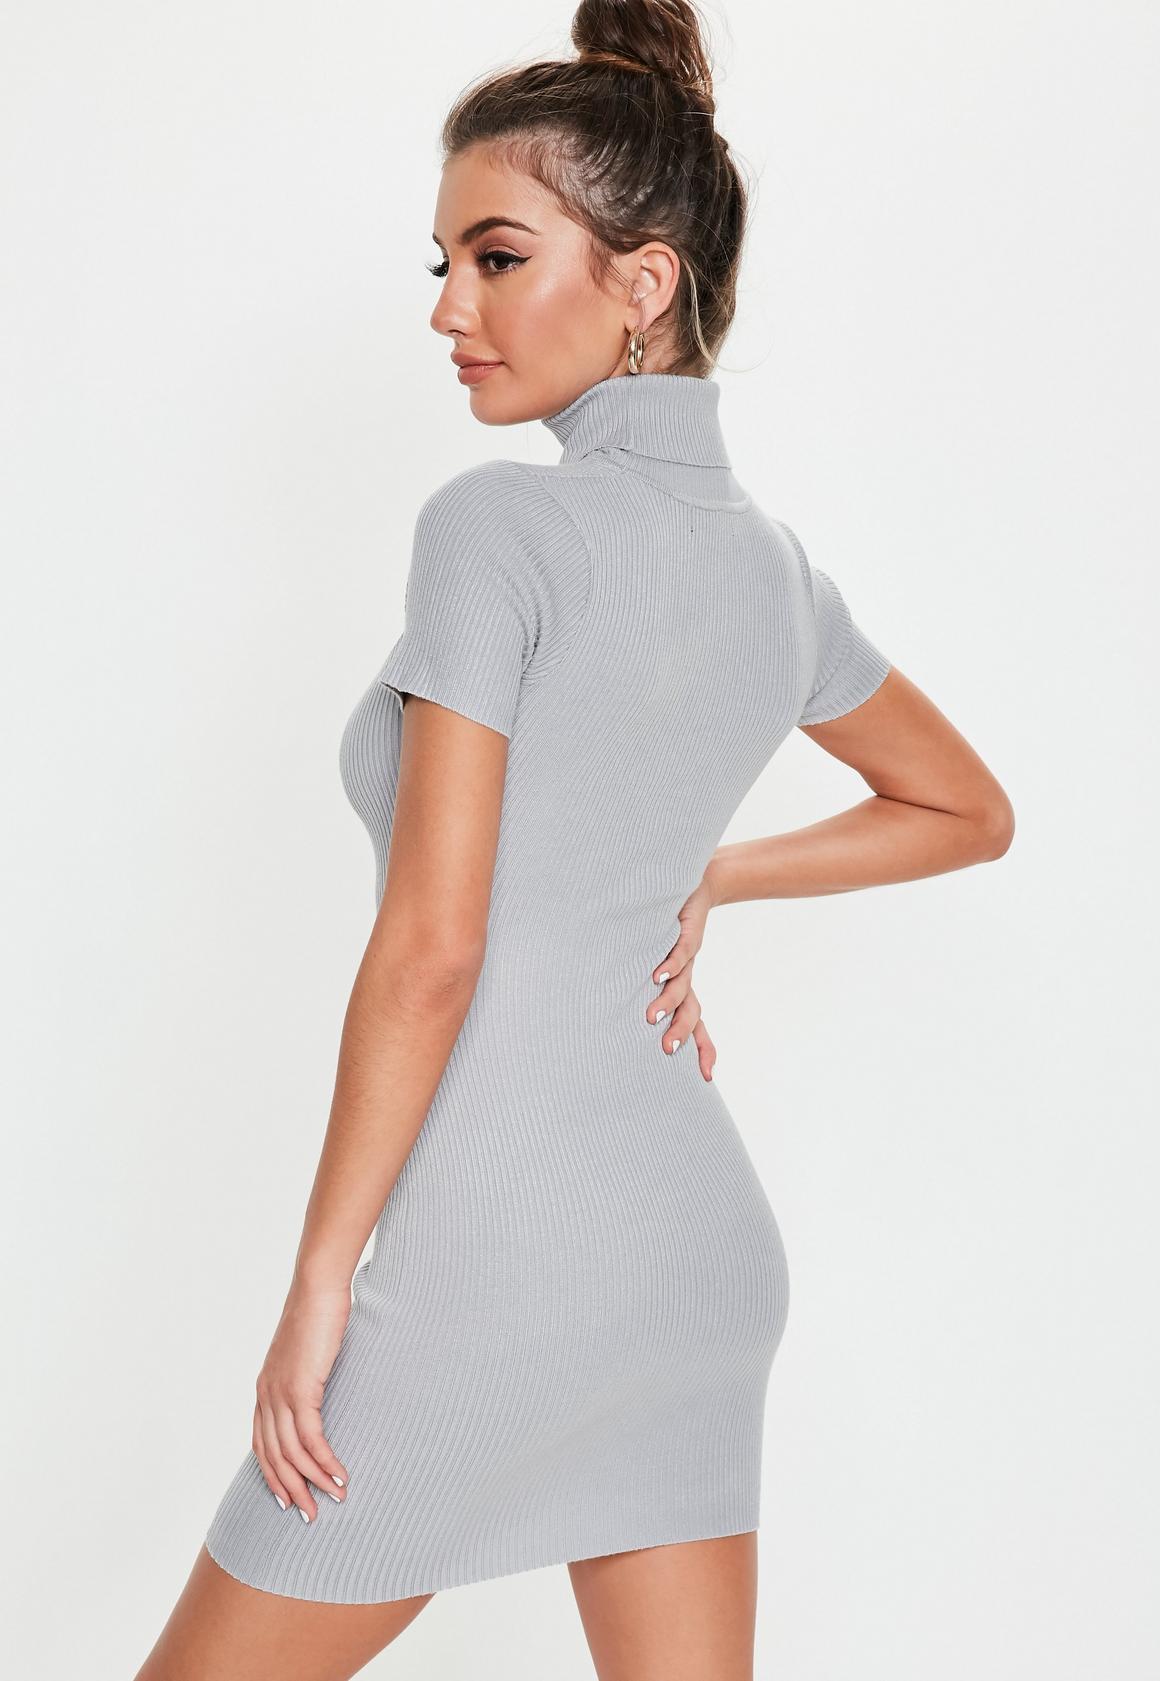 Missguided - robe courte côtelée e découpe dans le dos - 4